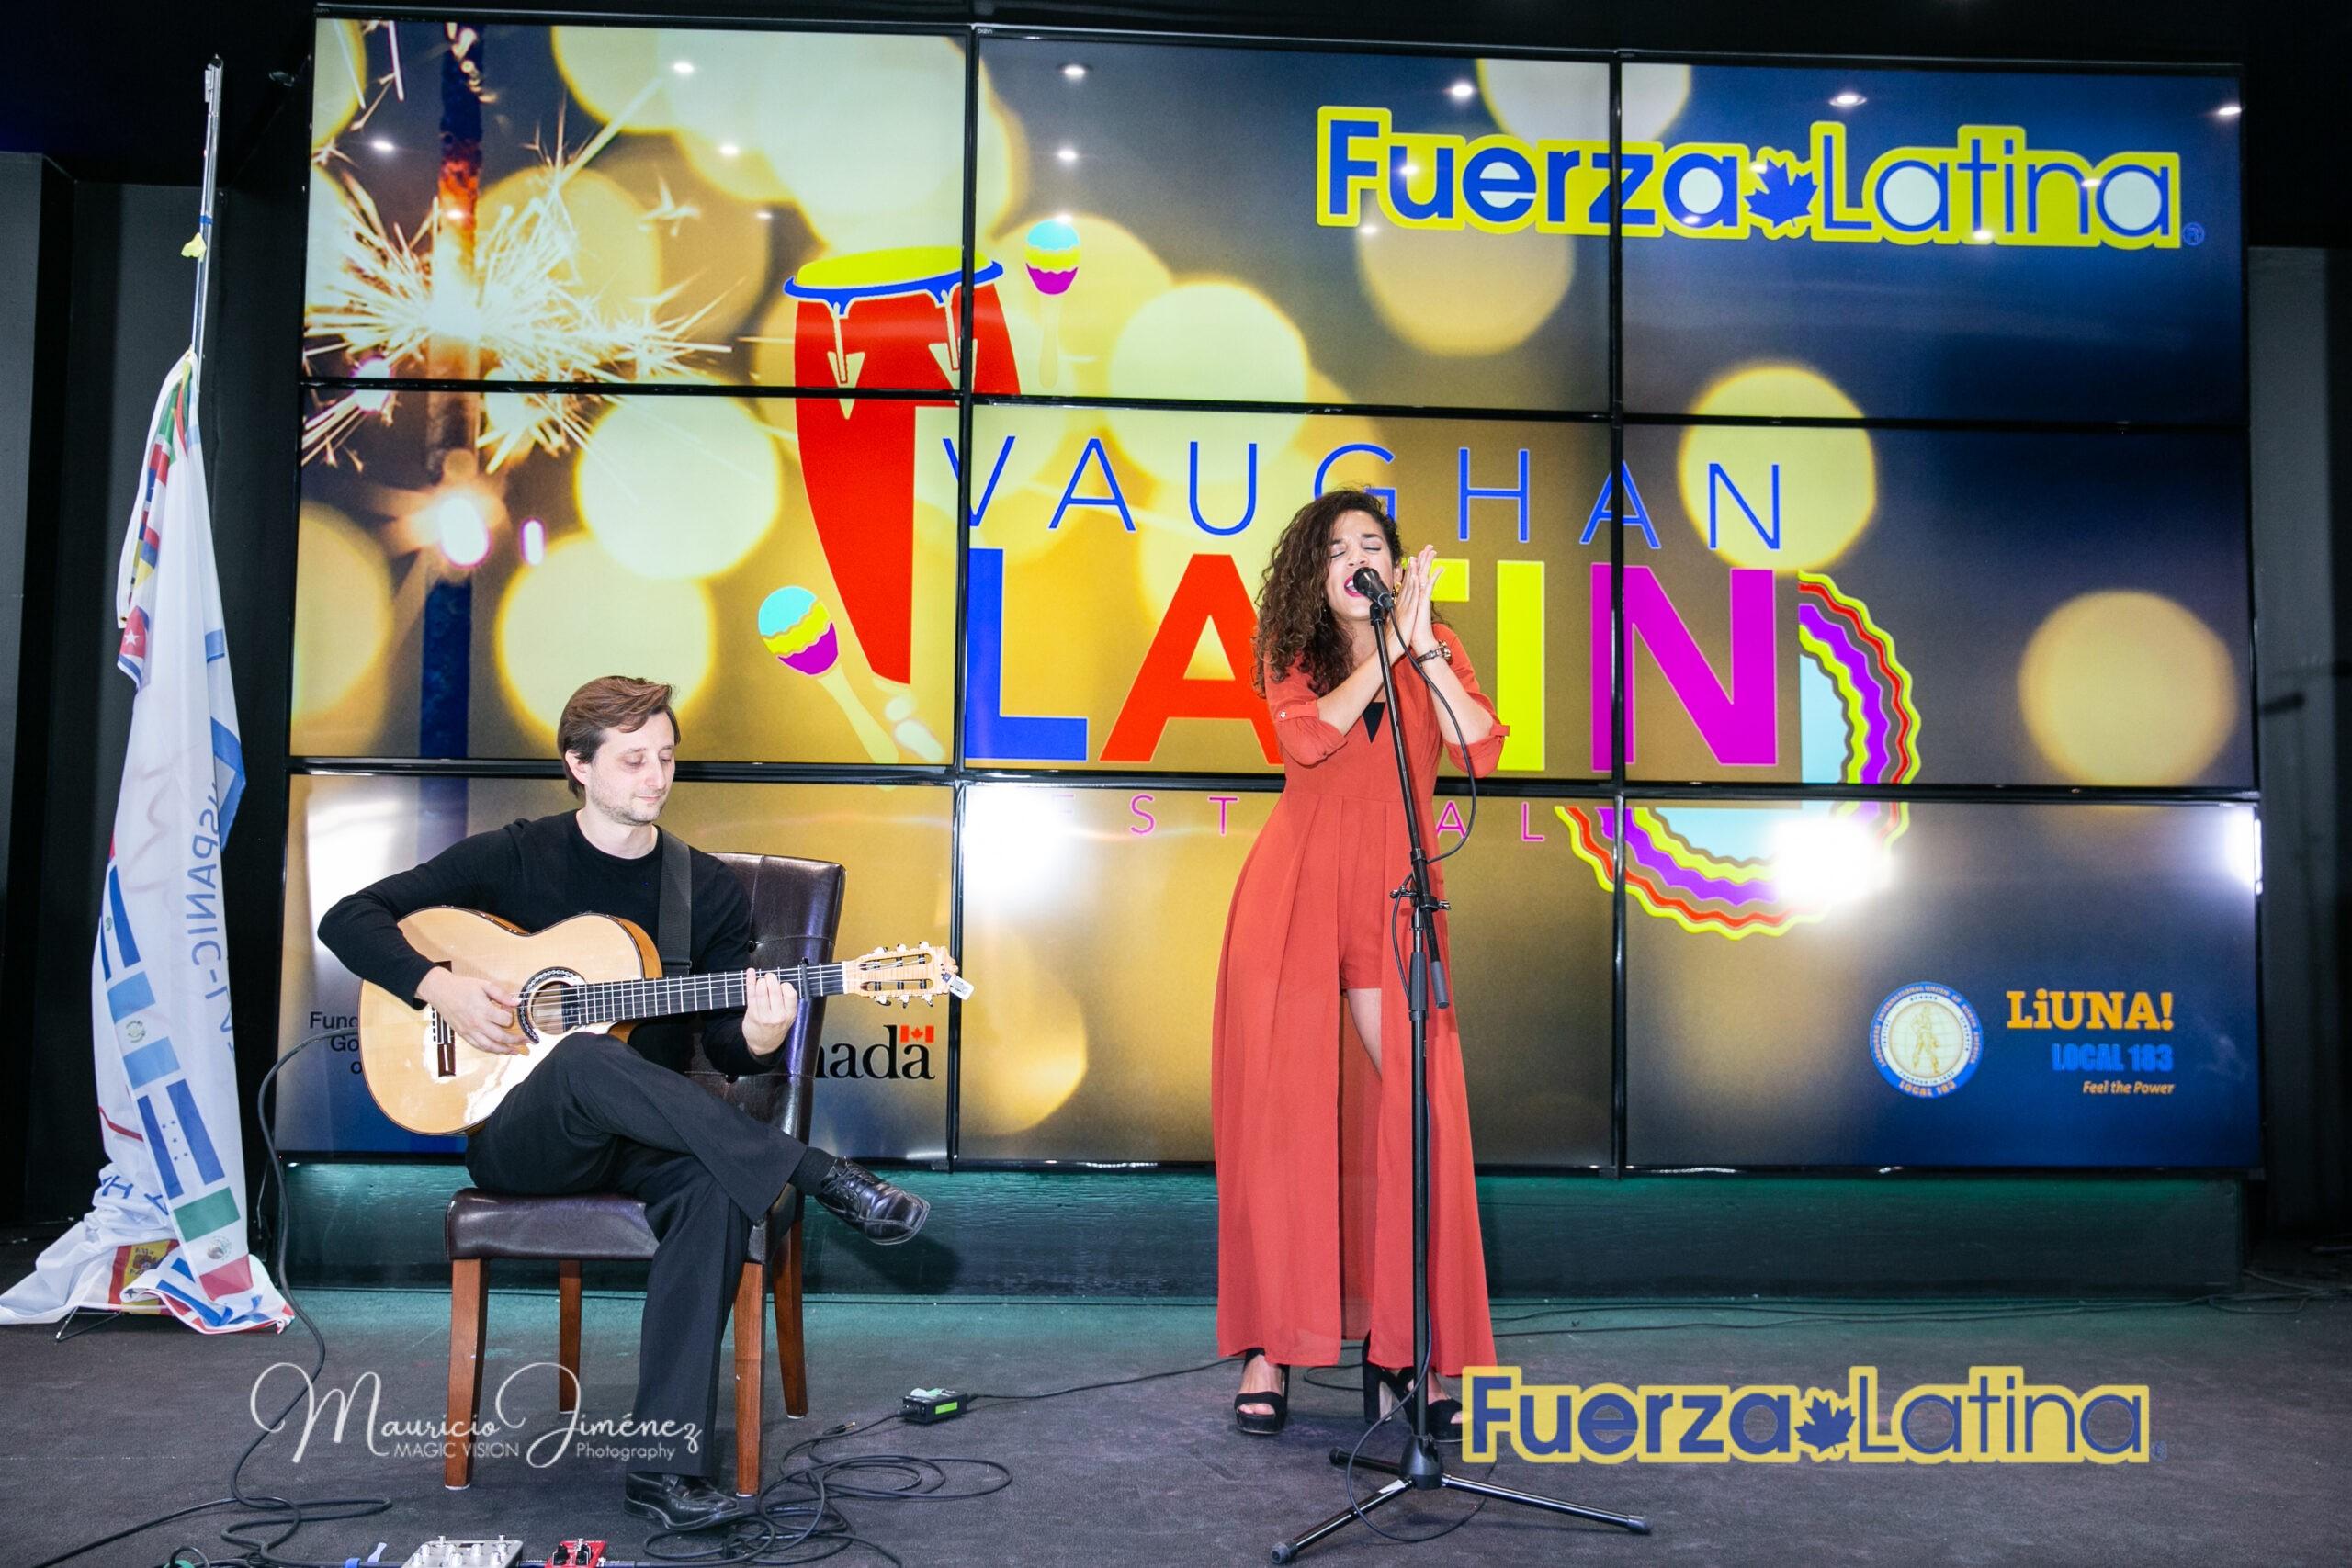 Magic_Vision-Fuerza_Latina-2020-09-19_141